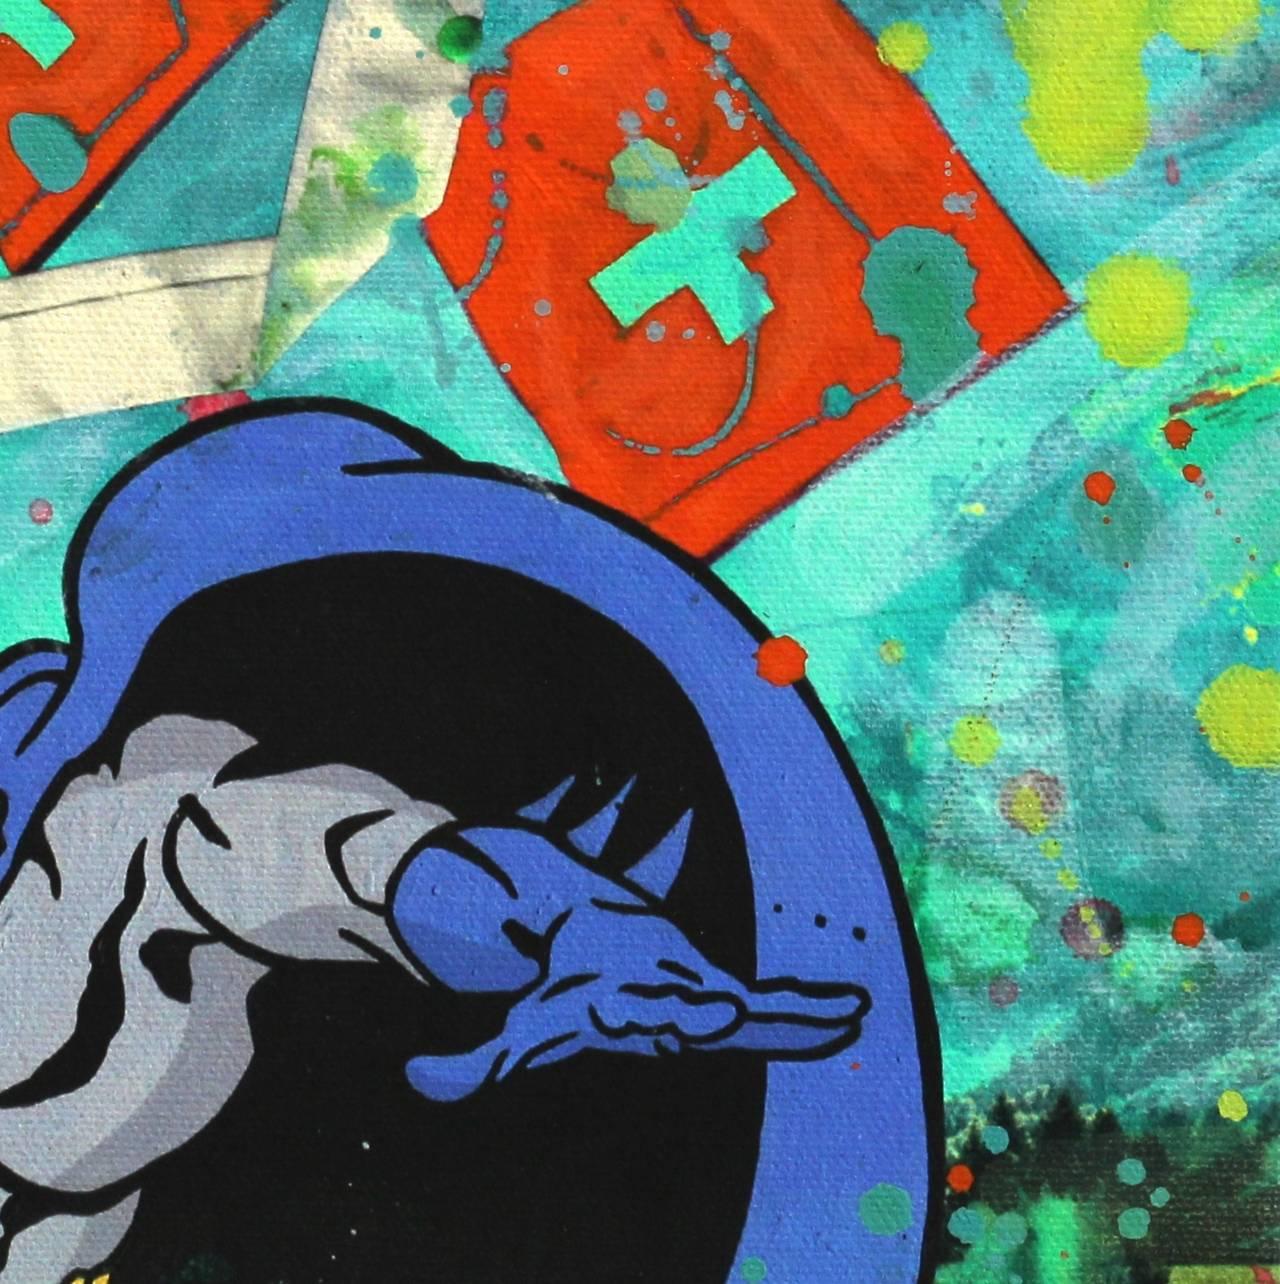 Zanre batman greetings from switzerland painting for sale at batman greetings from switzerland pop art painting by zanr m4hsunfo